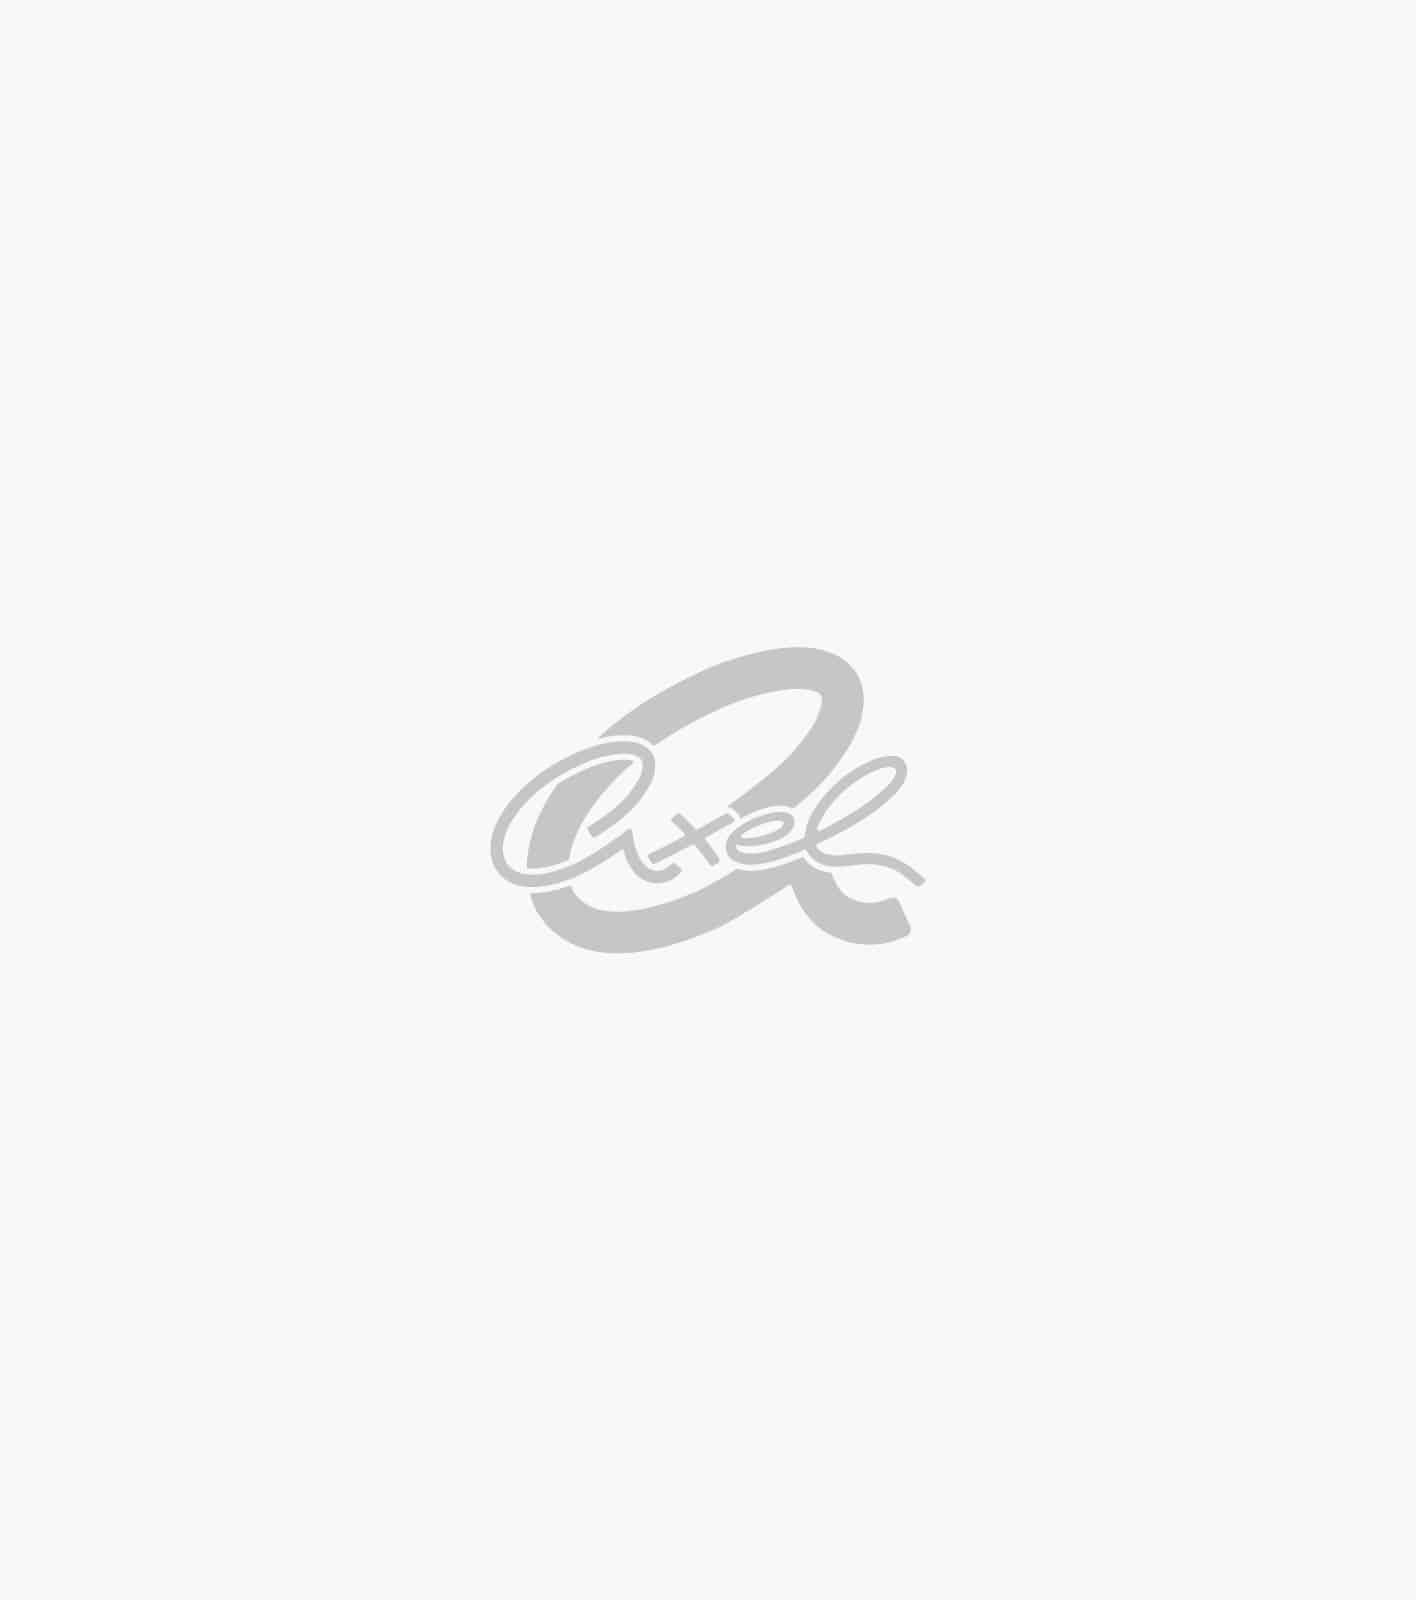 Φορεματα καλοκαιρινα Axel online 88297fa03f4